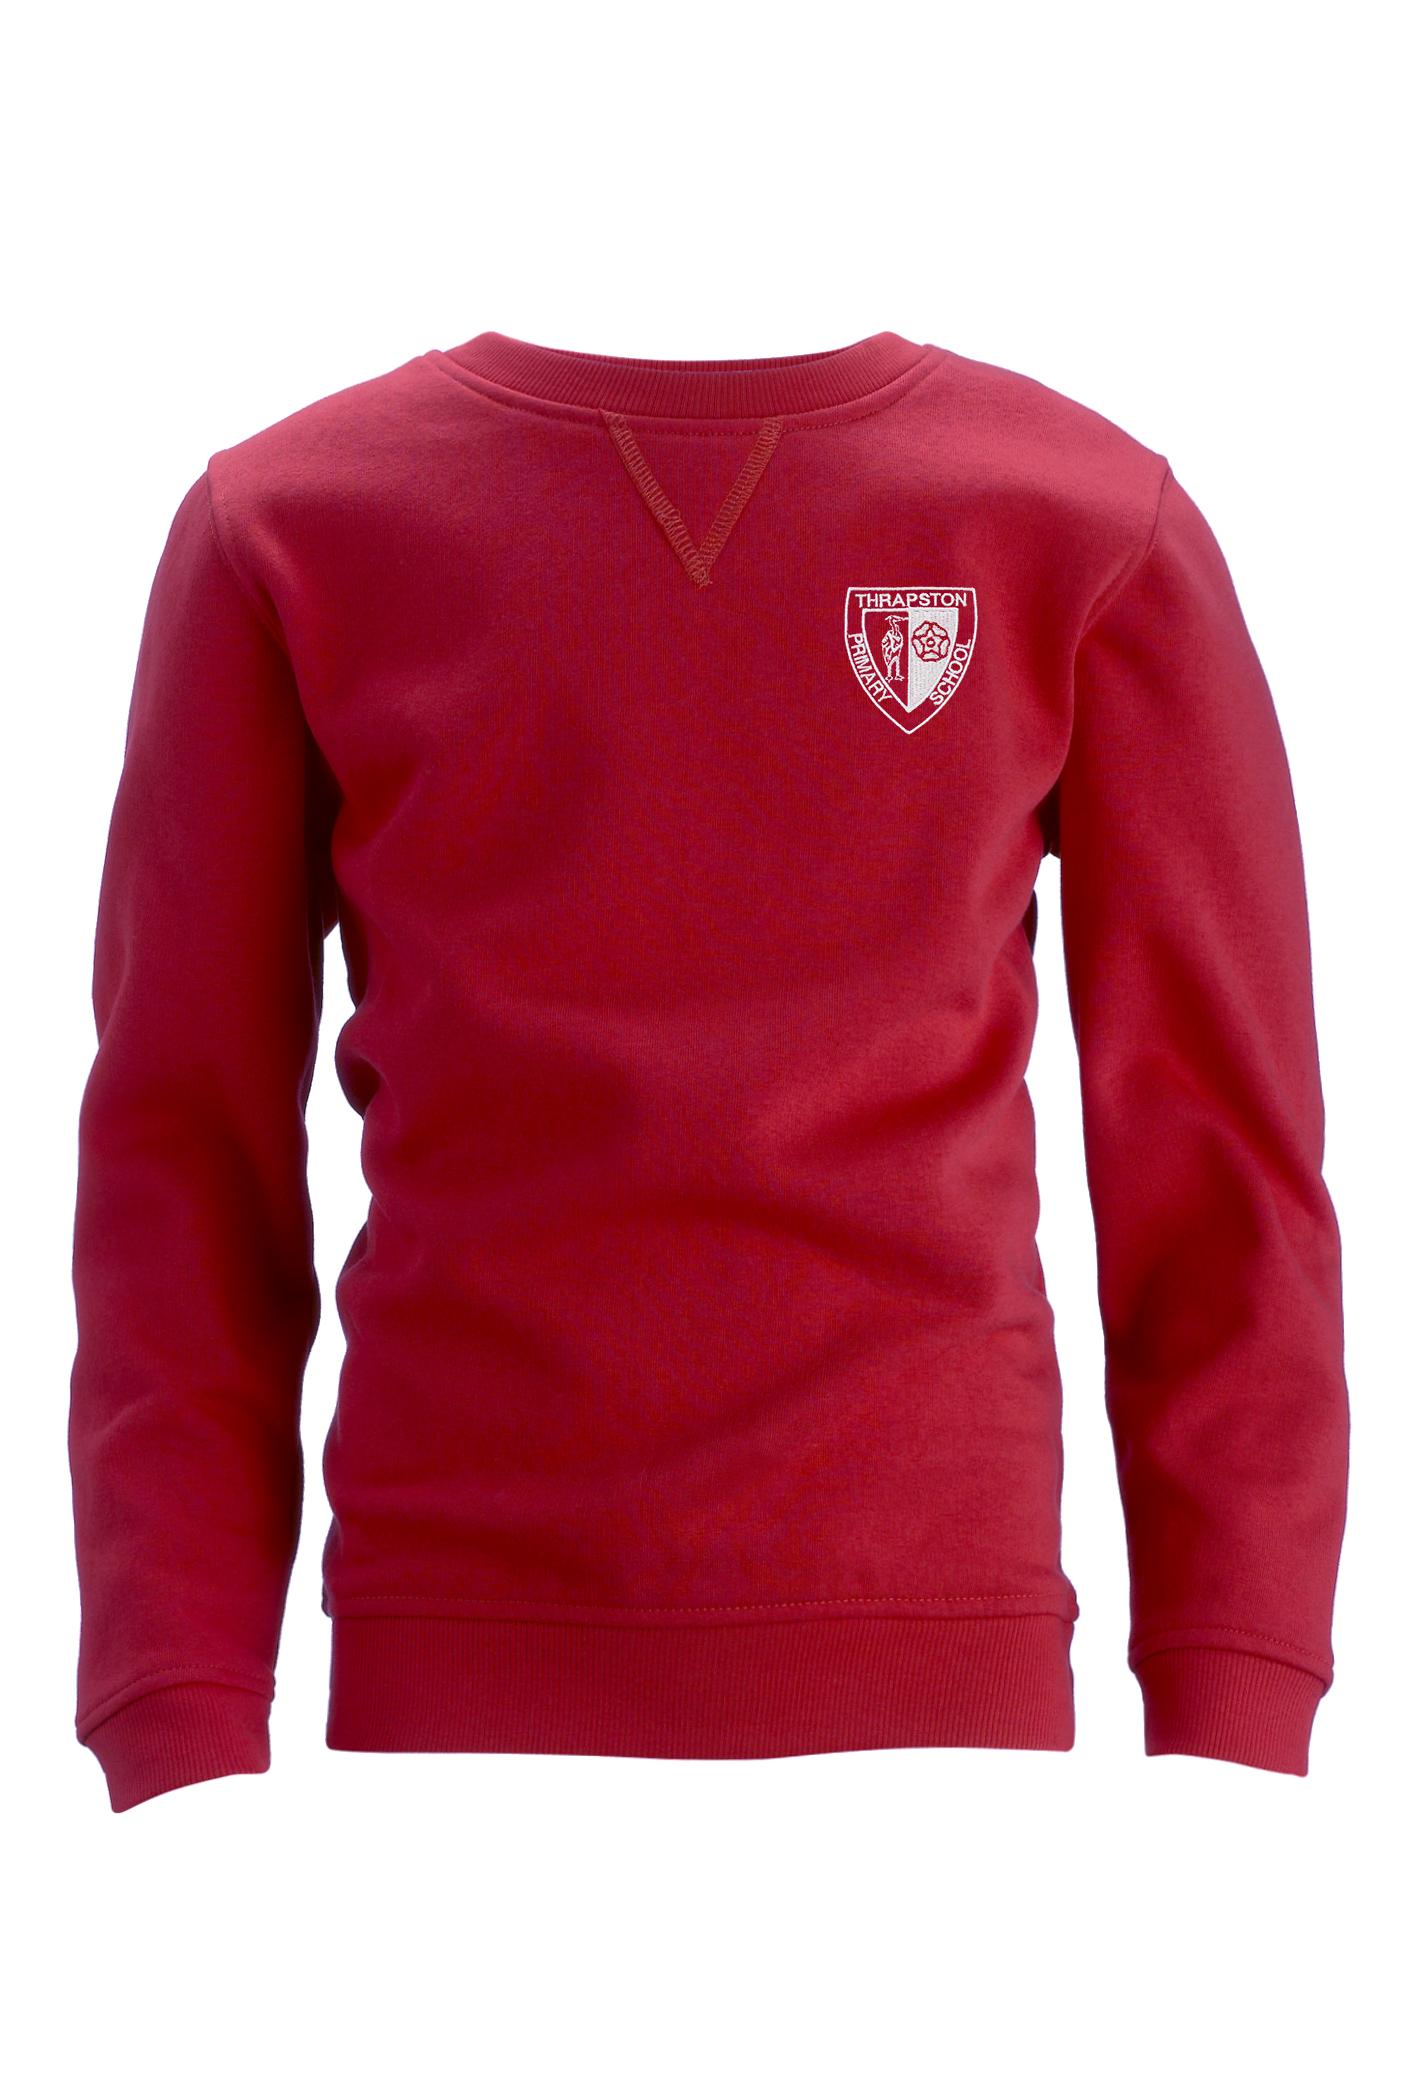 Thrapston Primary Unisex Crew Neck Cotton Rich Sweatshirt